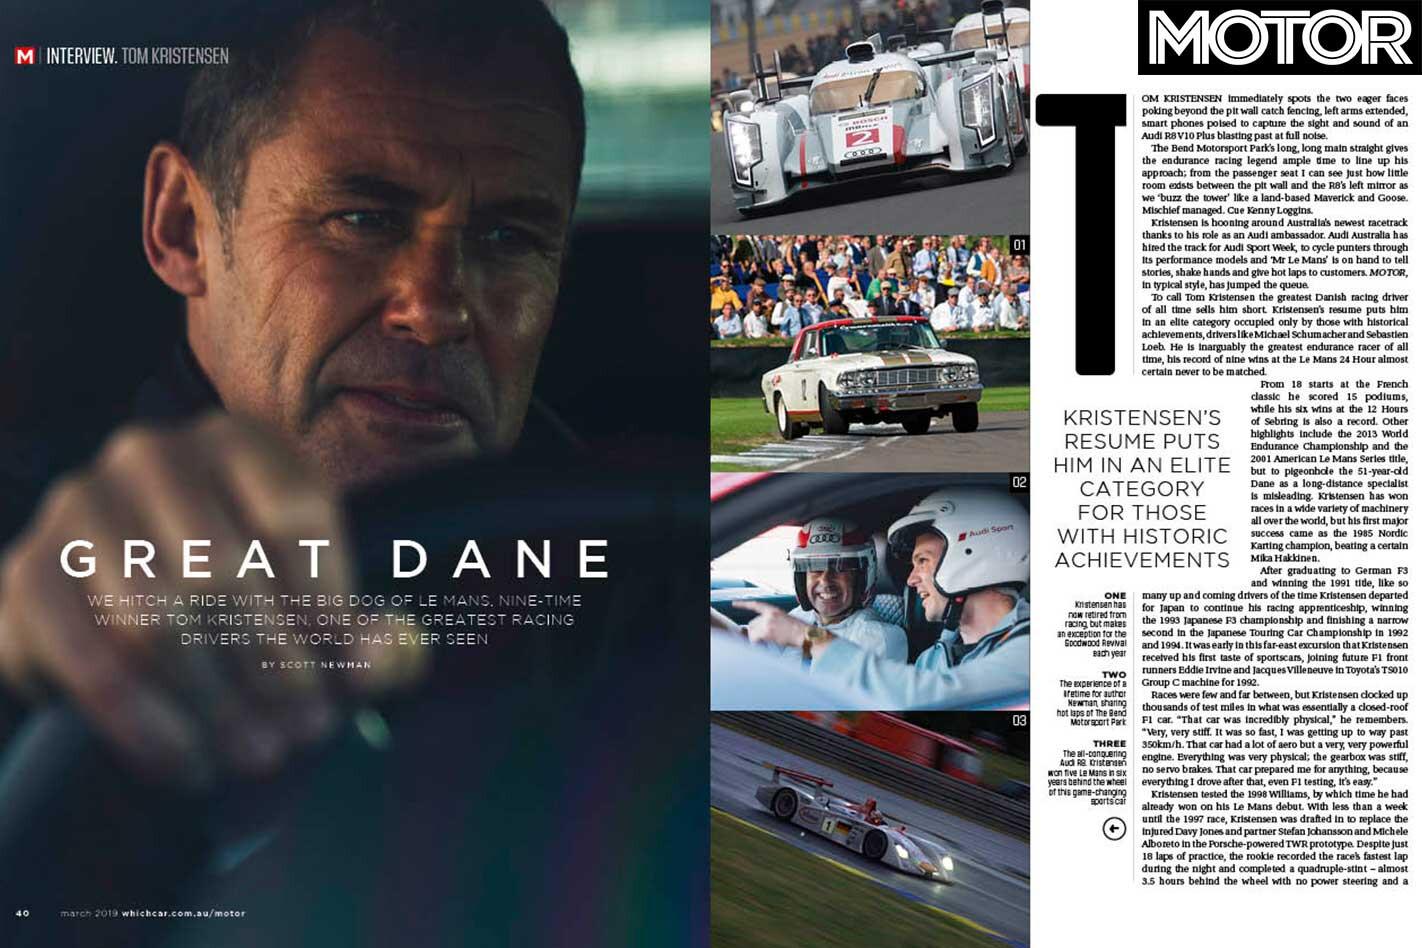 MOTOR Magazine March 2019 Issue Tom Kristensen Jpg